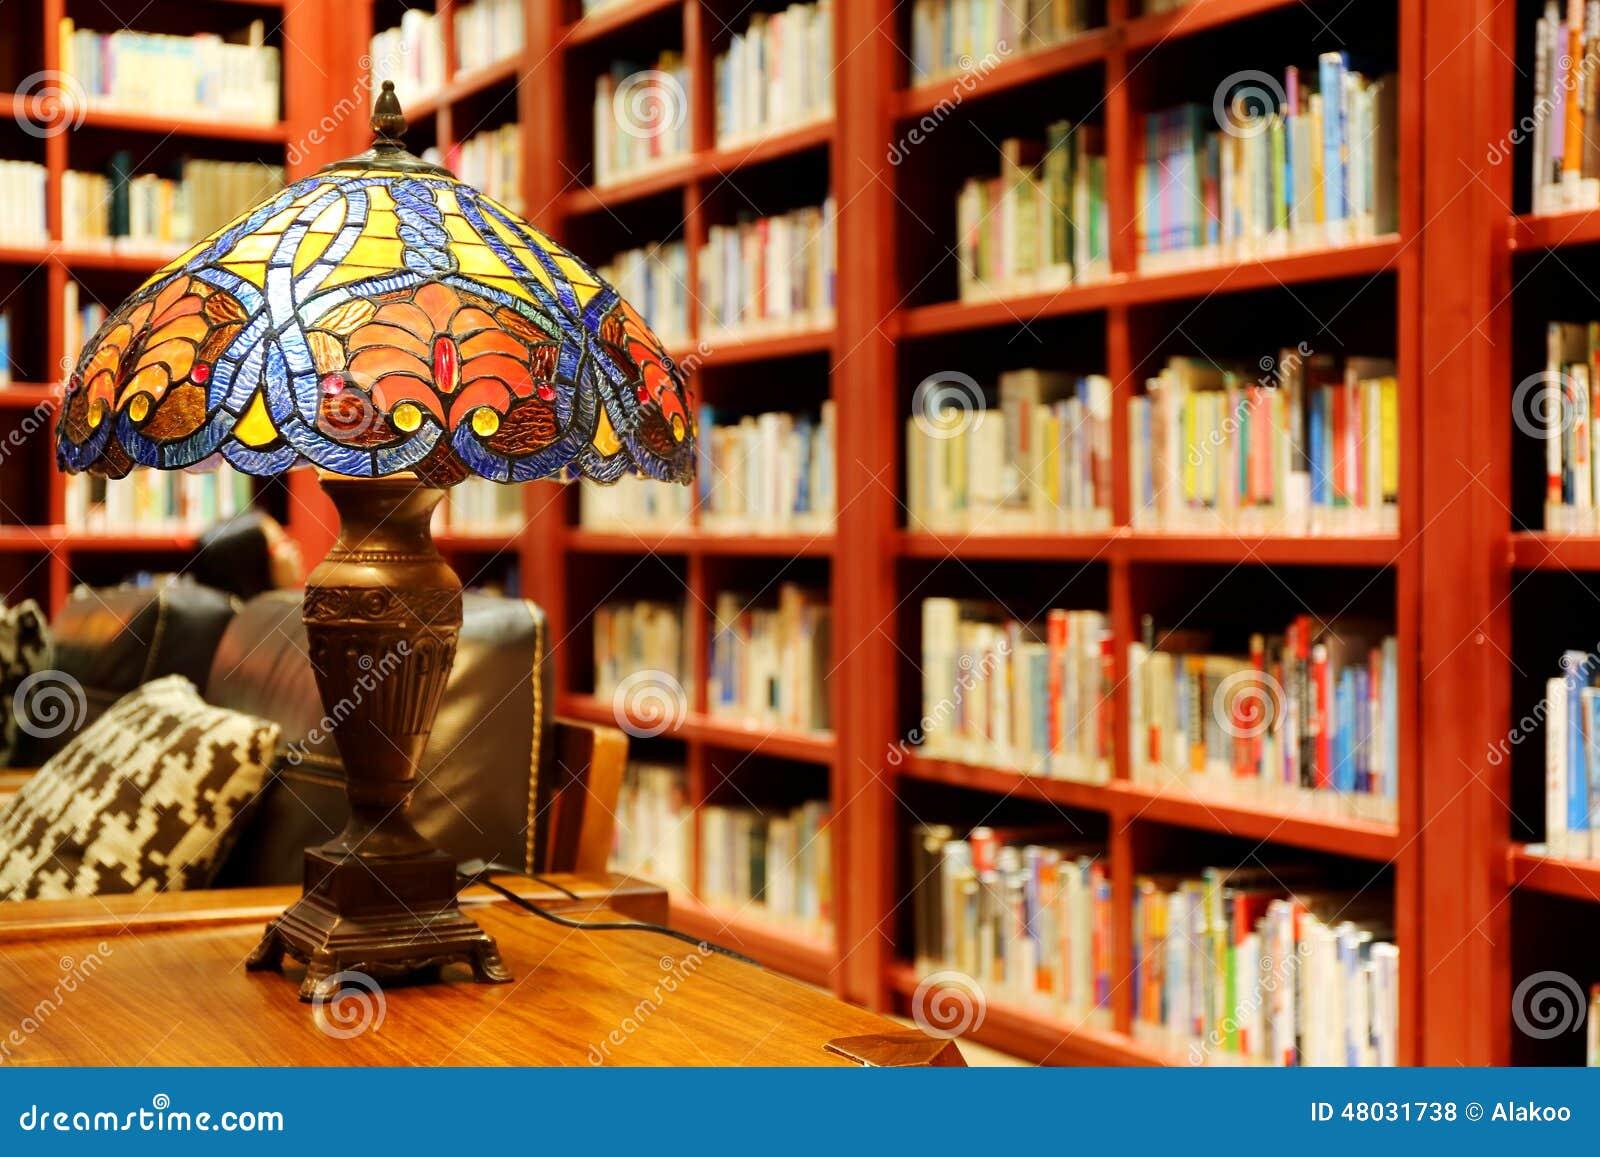 Old Library Study Reading Room Table Lamp Desk Light Books Bookshelf